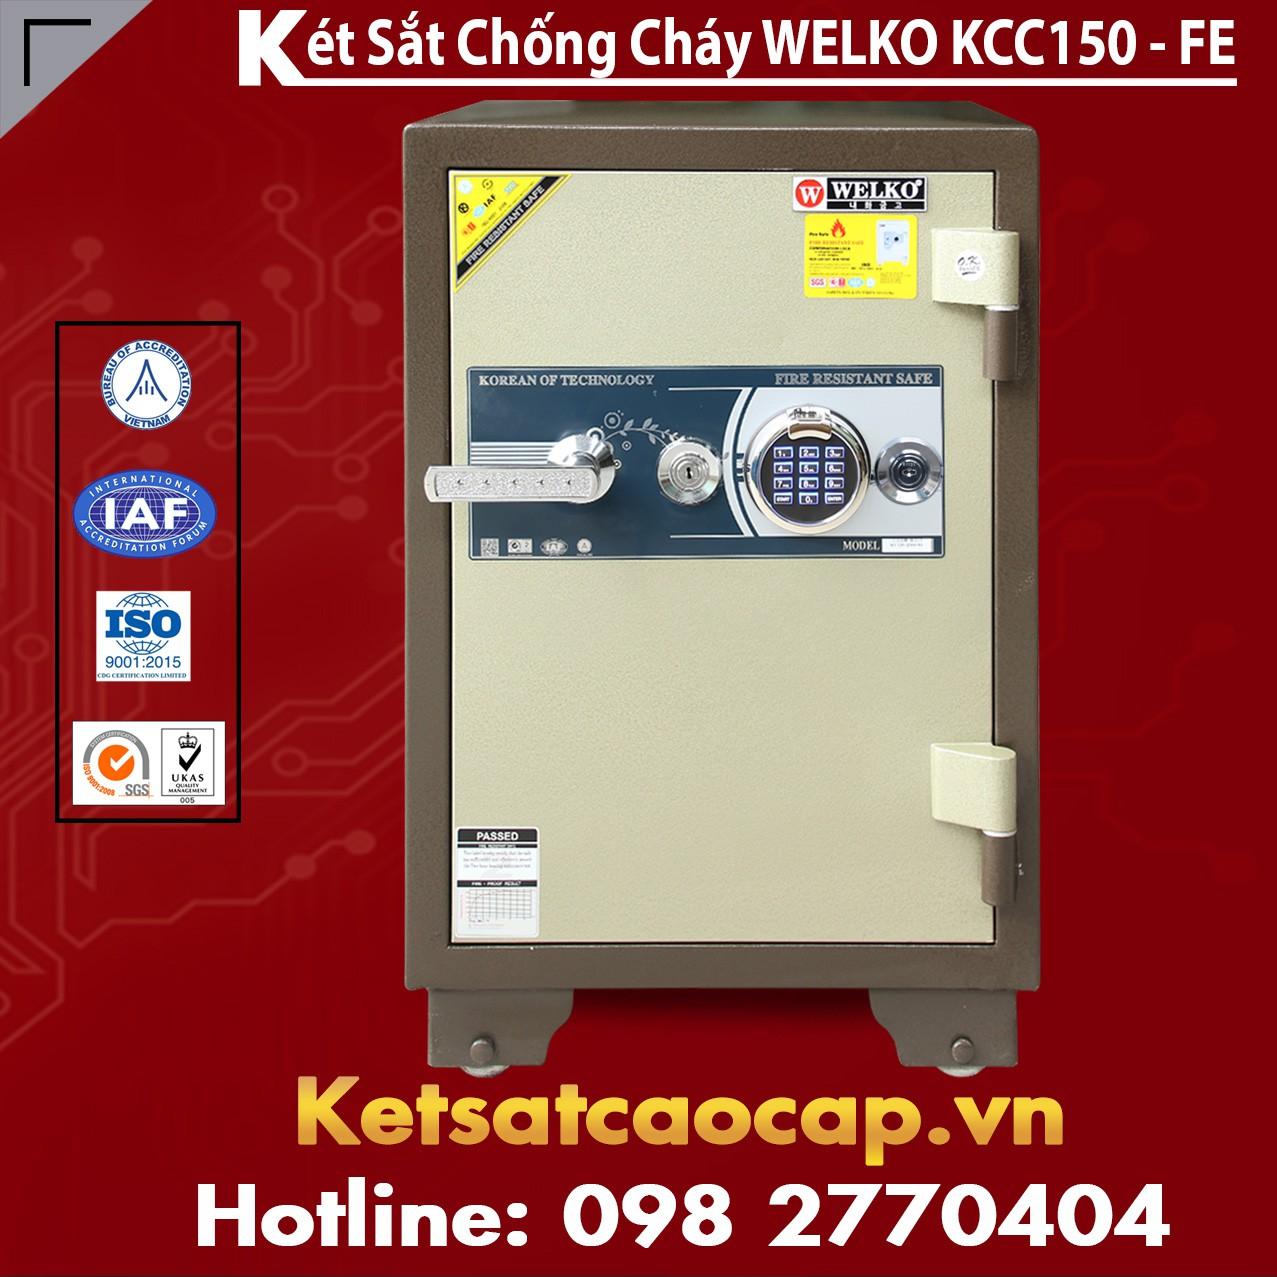 Két Sắt Welko KCC150 FE - Brown